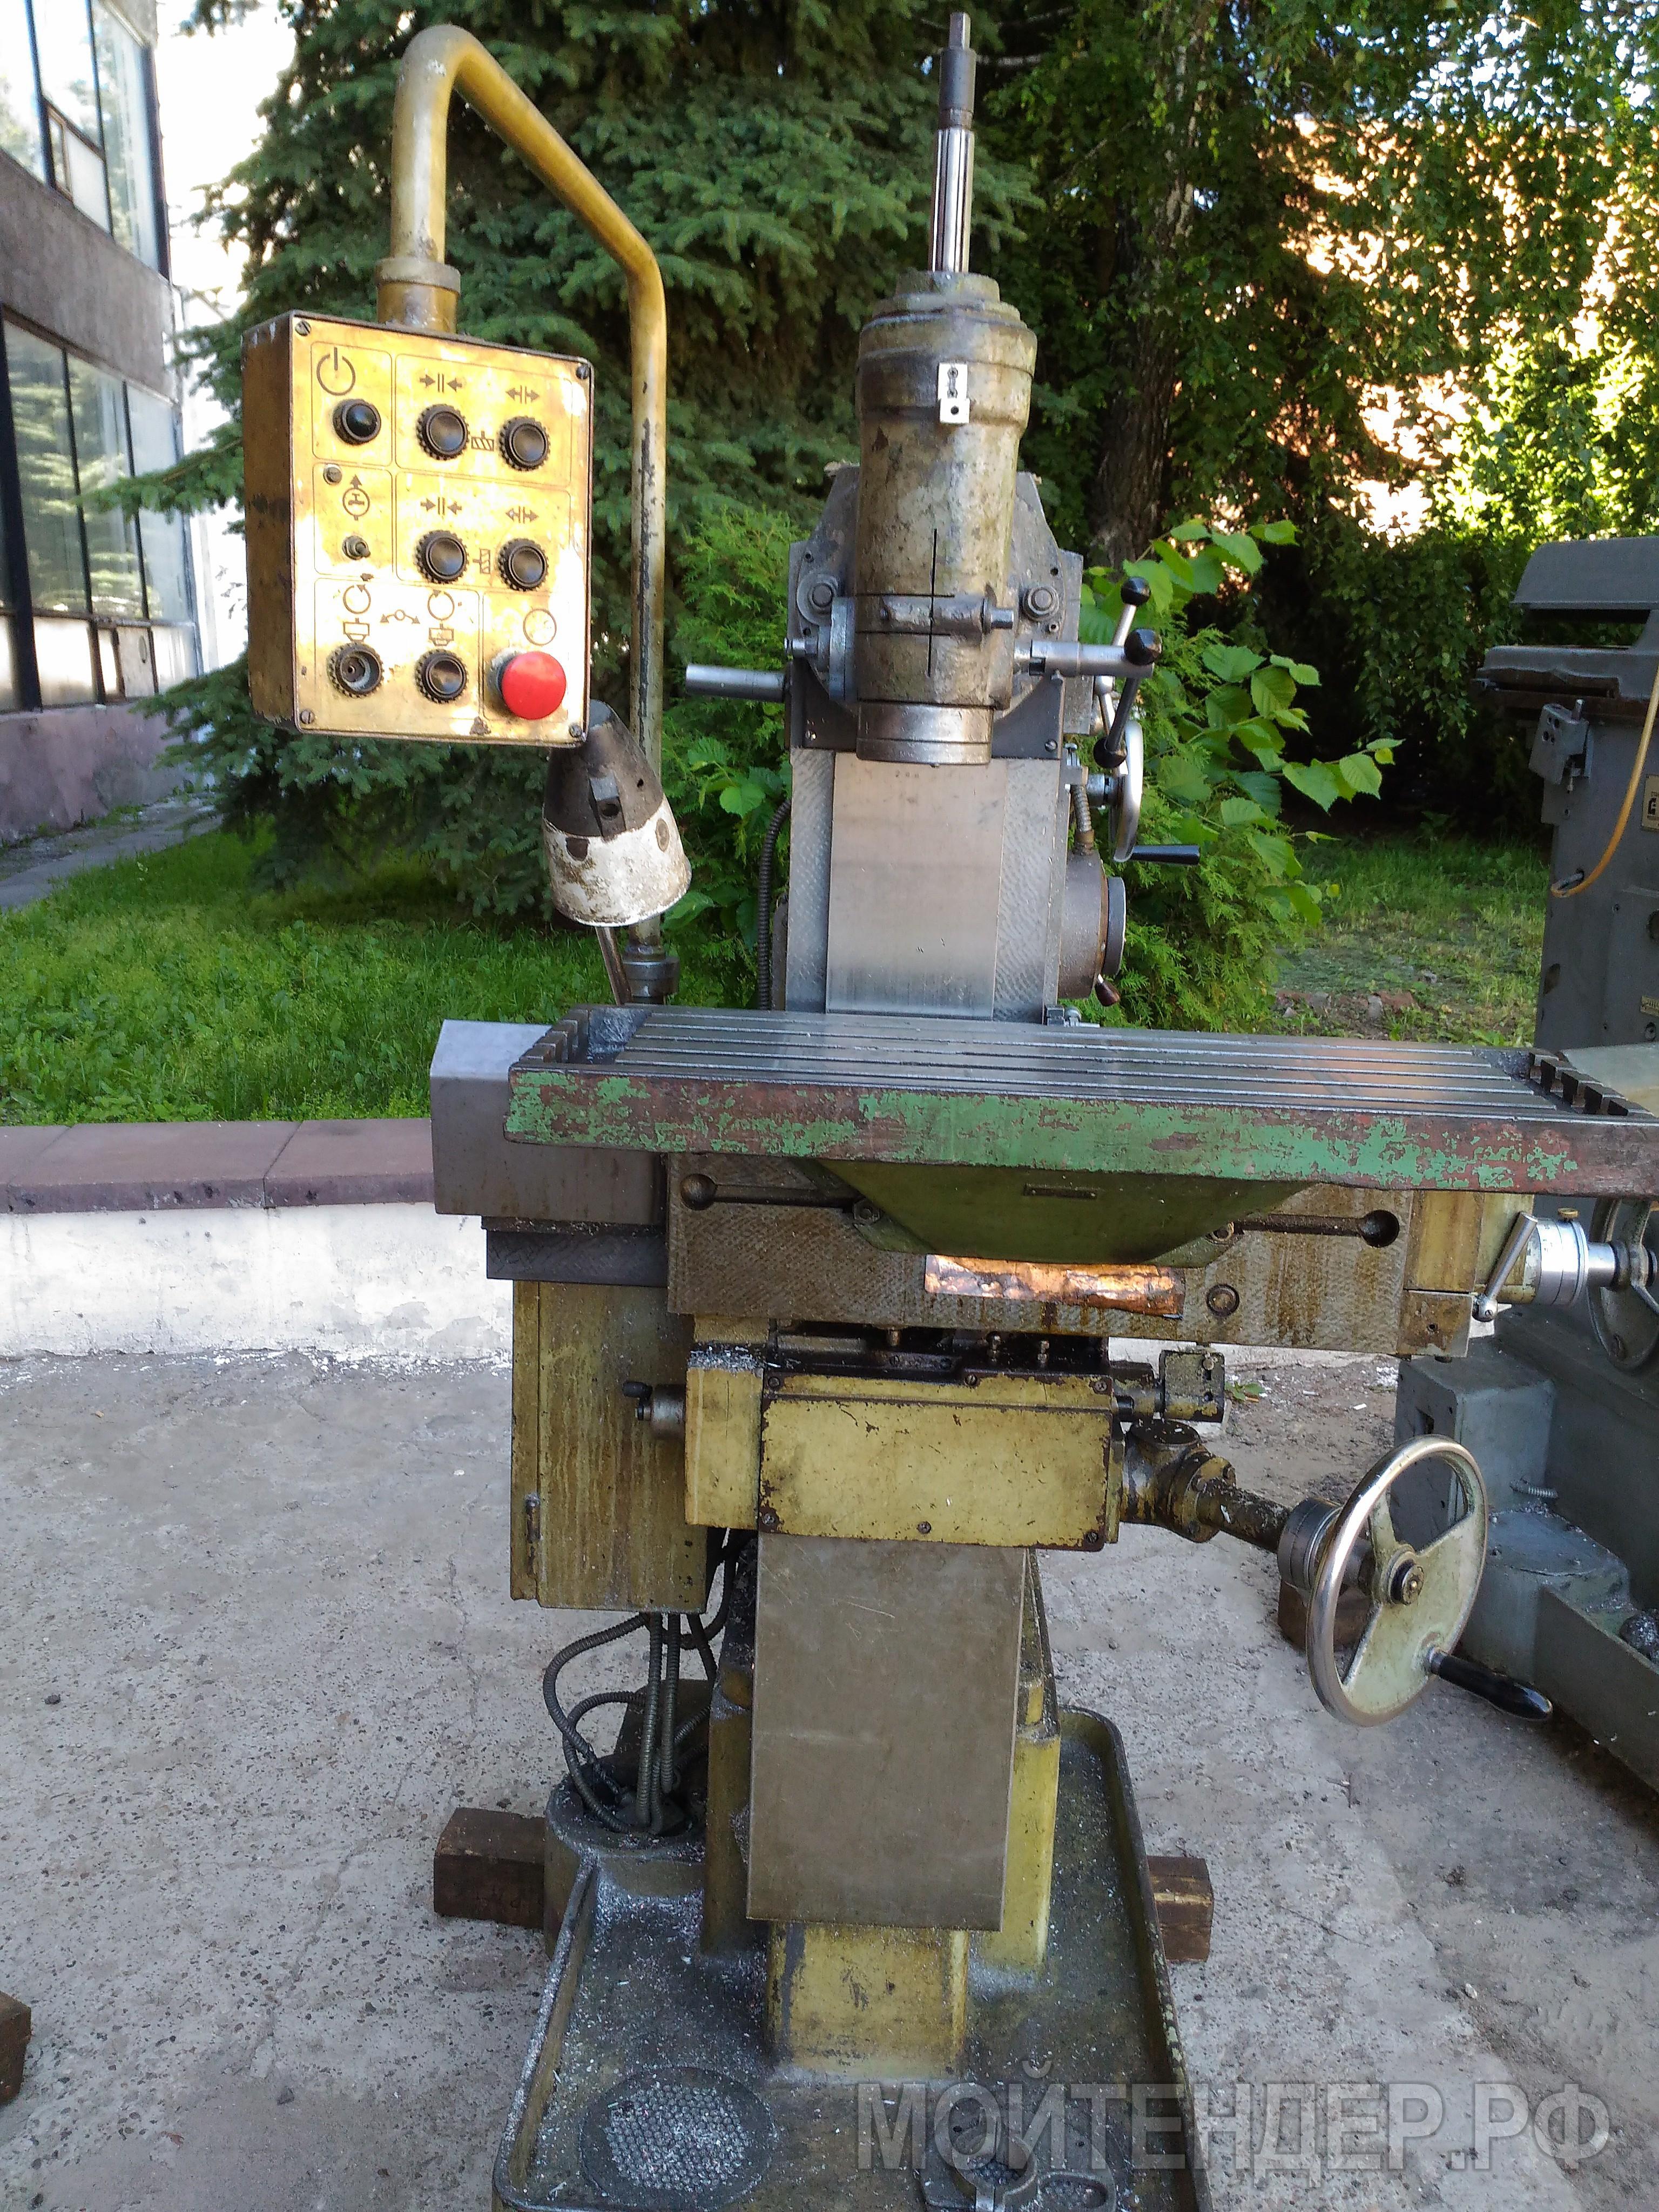 Мойтендер.рф-350-52-1776: Фото 1